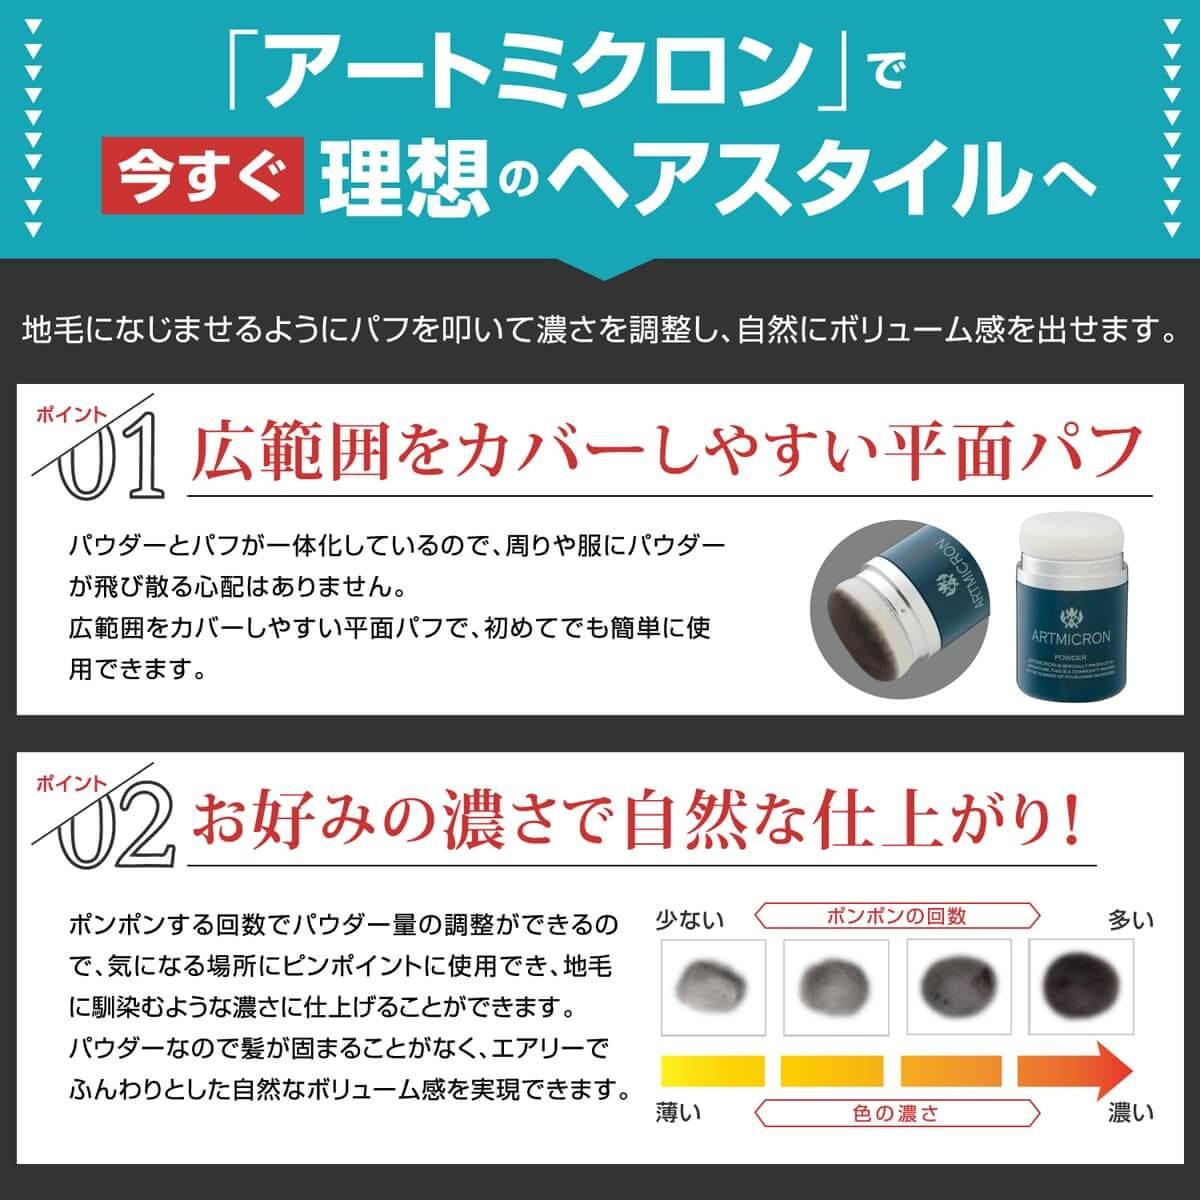 アートミクロン パウダー(20g) 【2本まとめ買い】